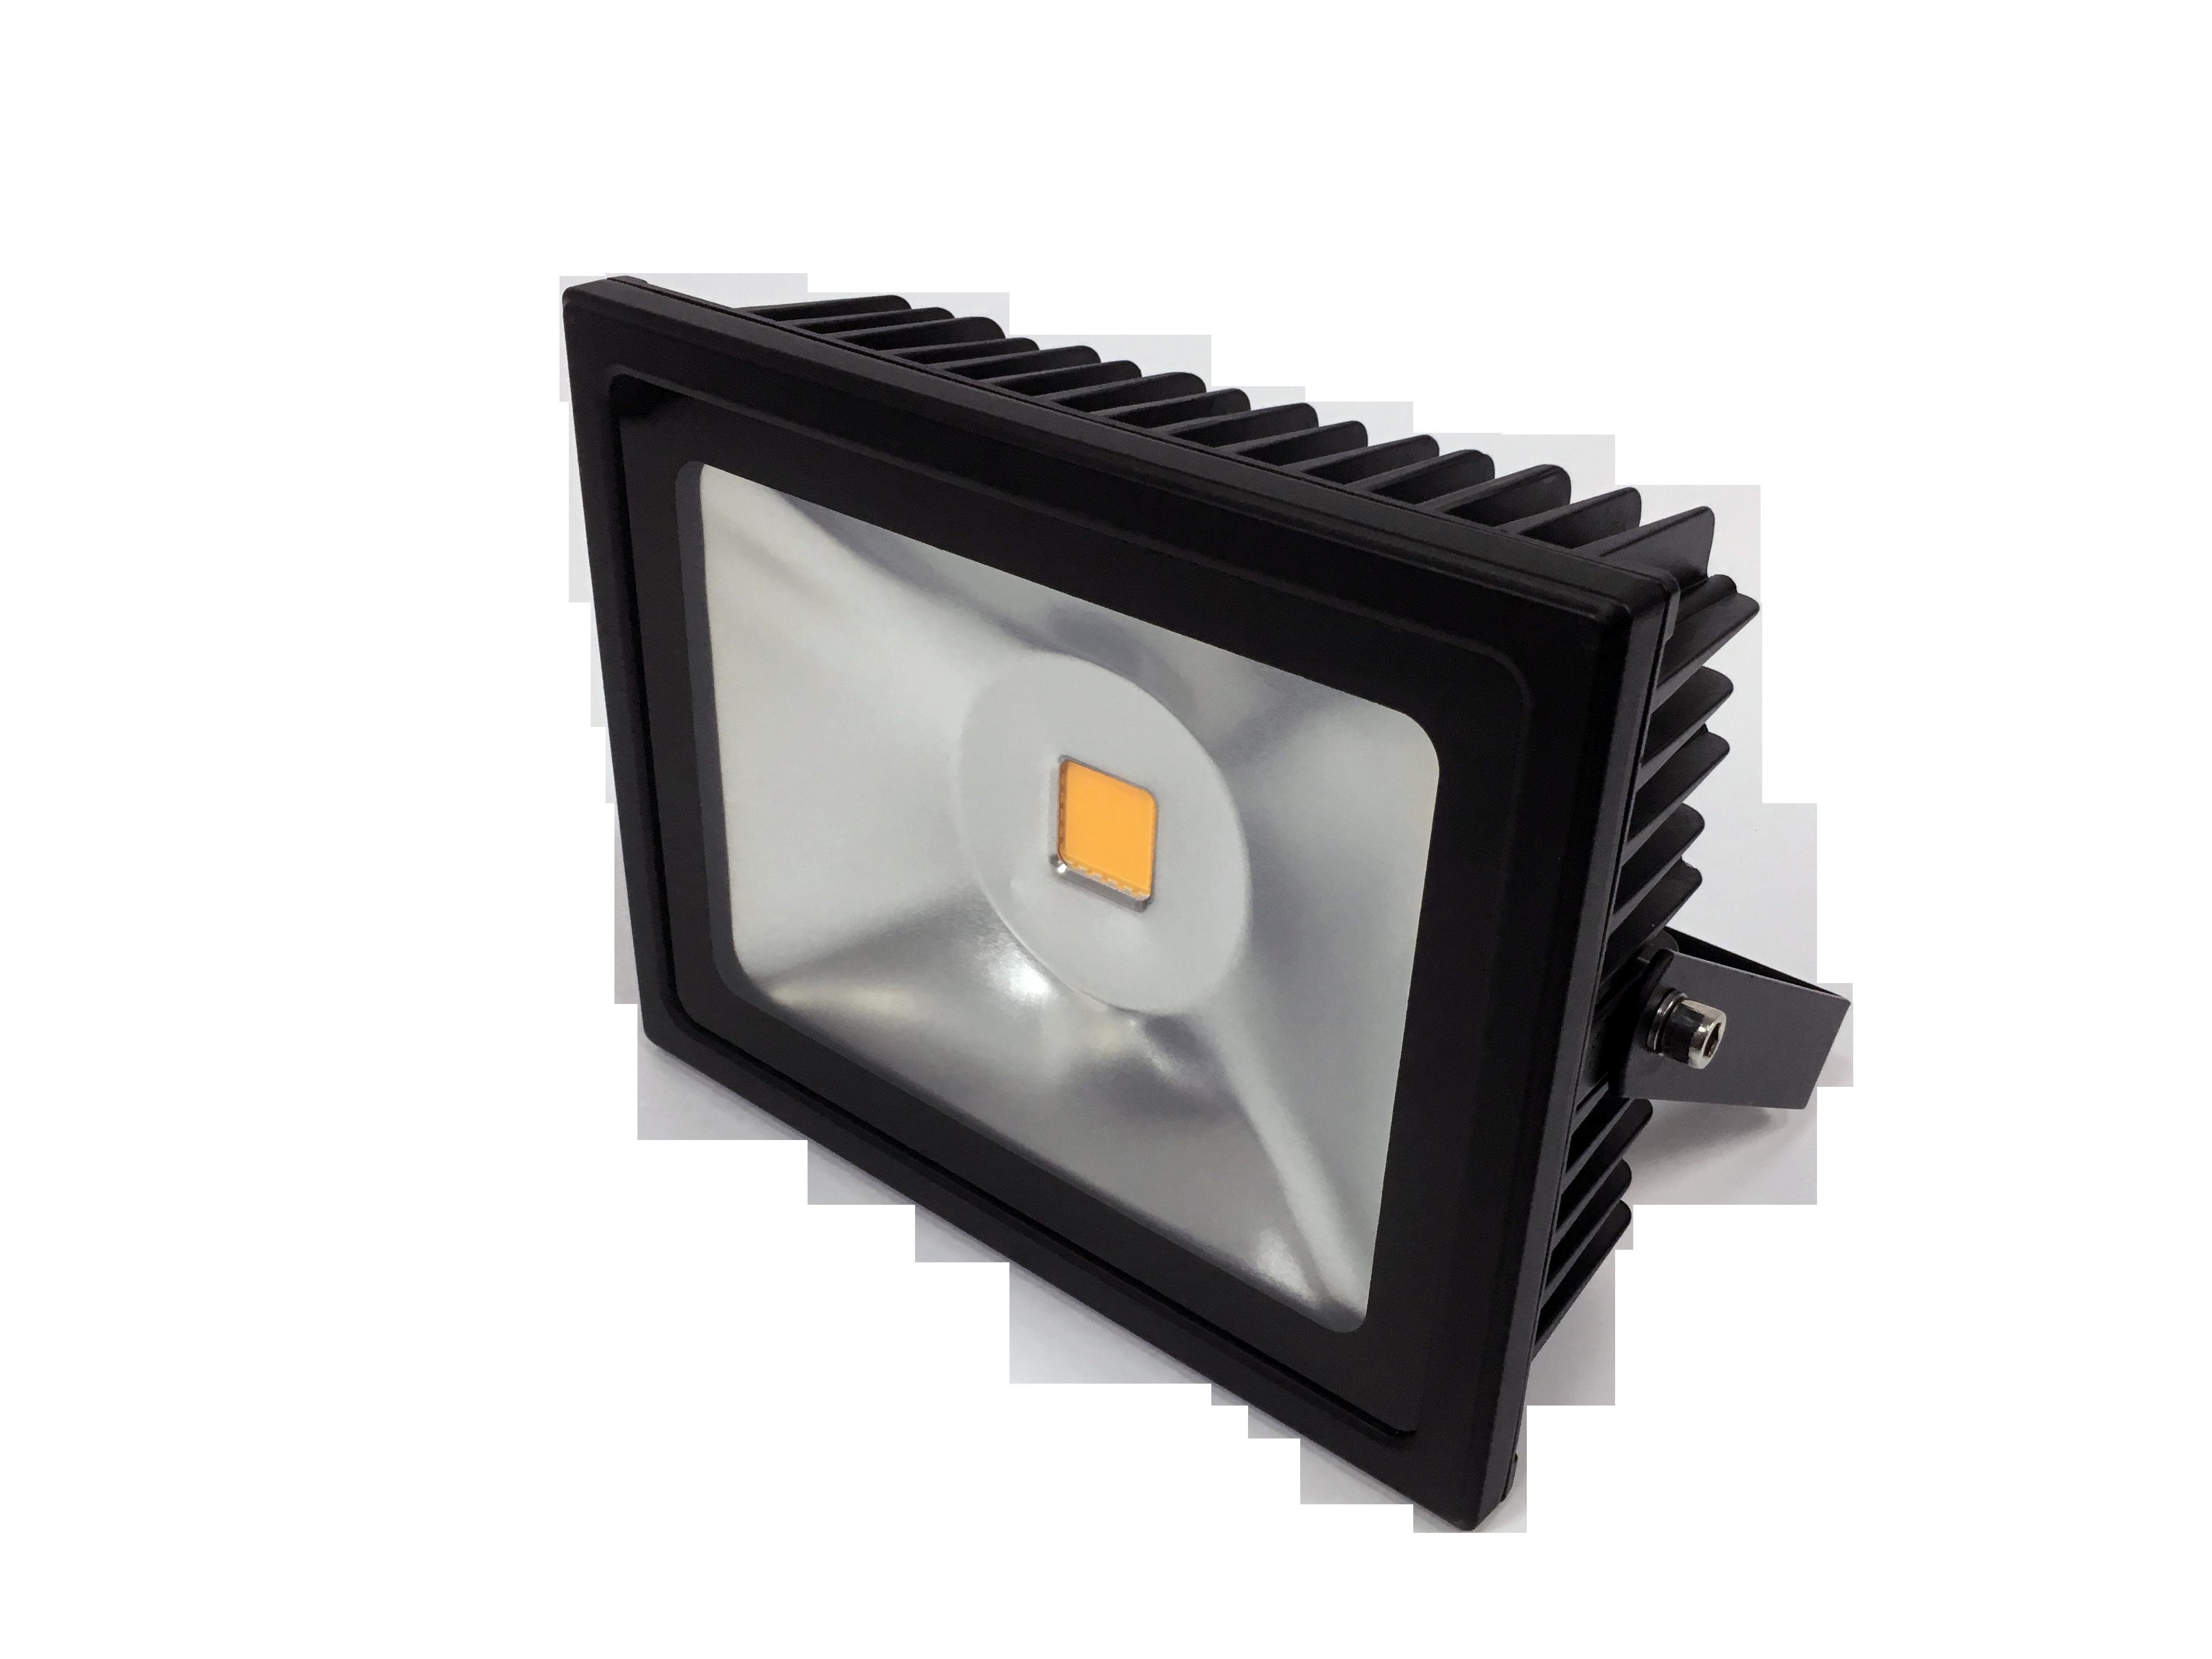 投光灯240185-50W   50w户外防水投光灯  50w可调光户外防水投光灯